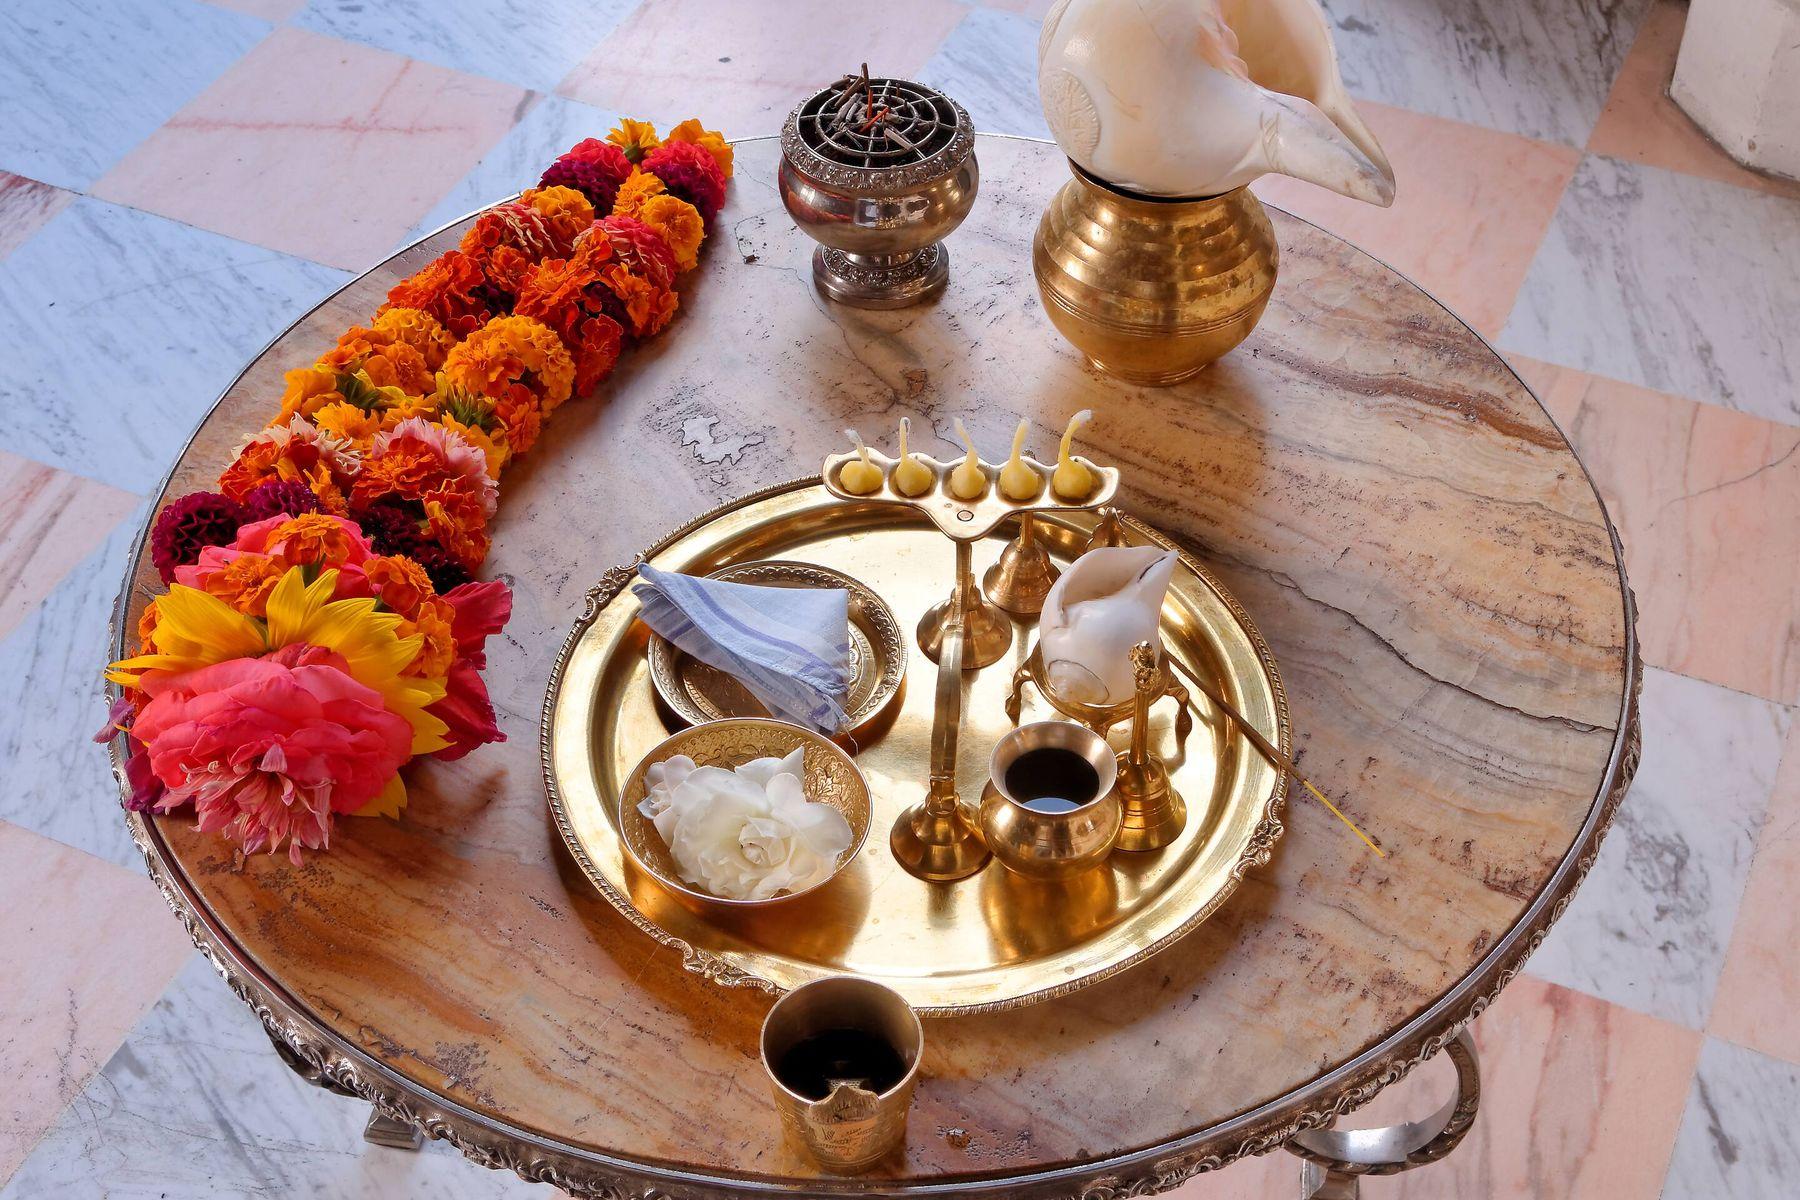 लक्ष्मी पूजन के लिए पूजा की थाली को कैसे चमकाएं । क्लीएनीपीडिया